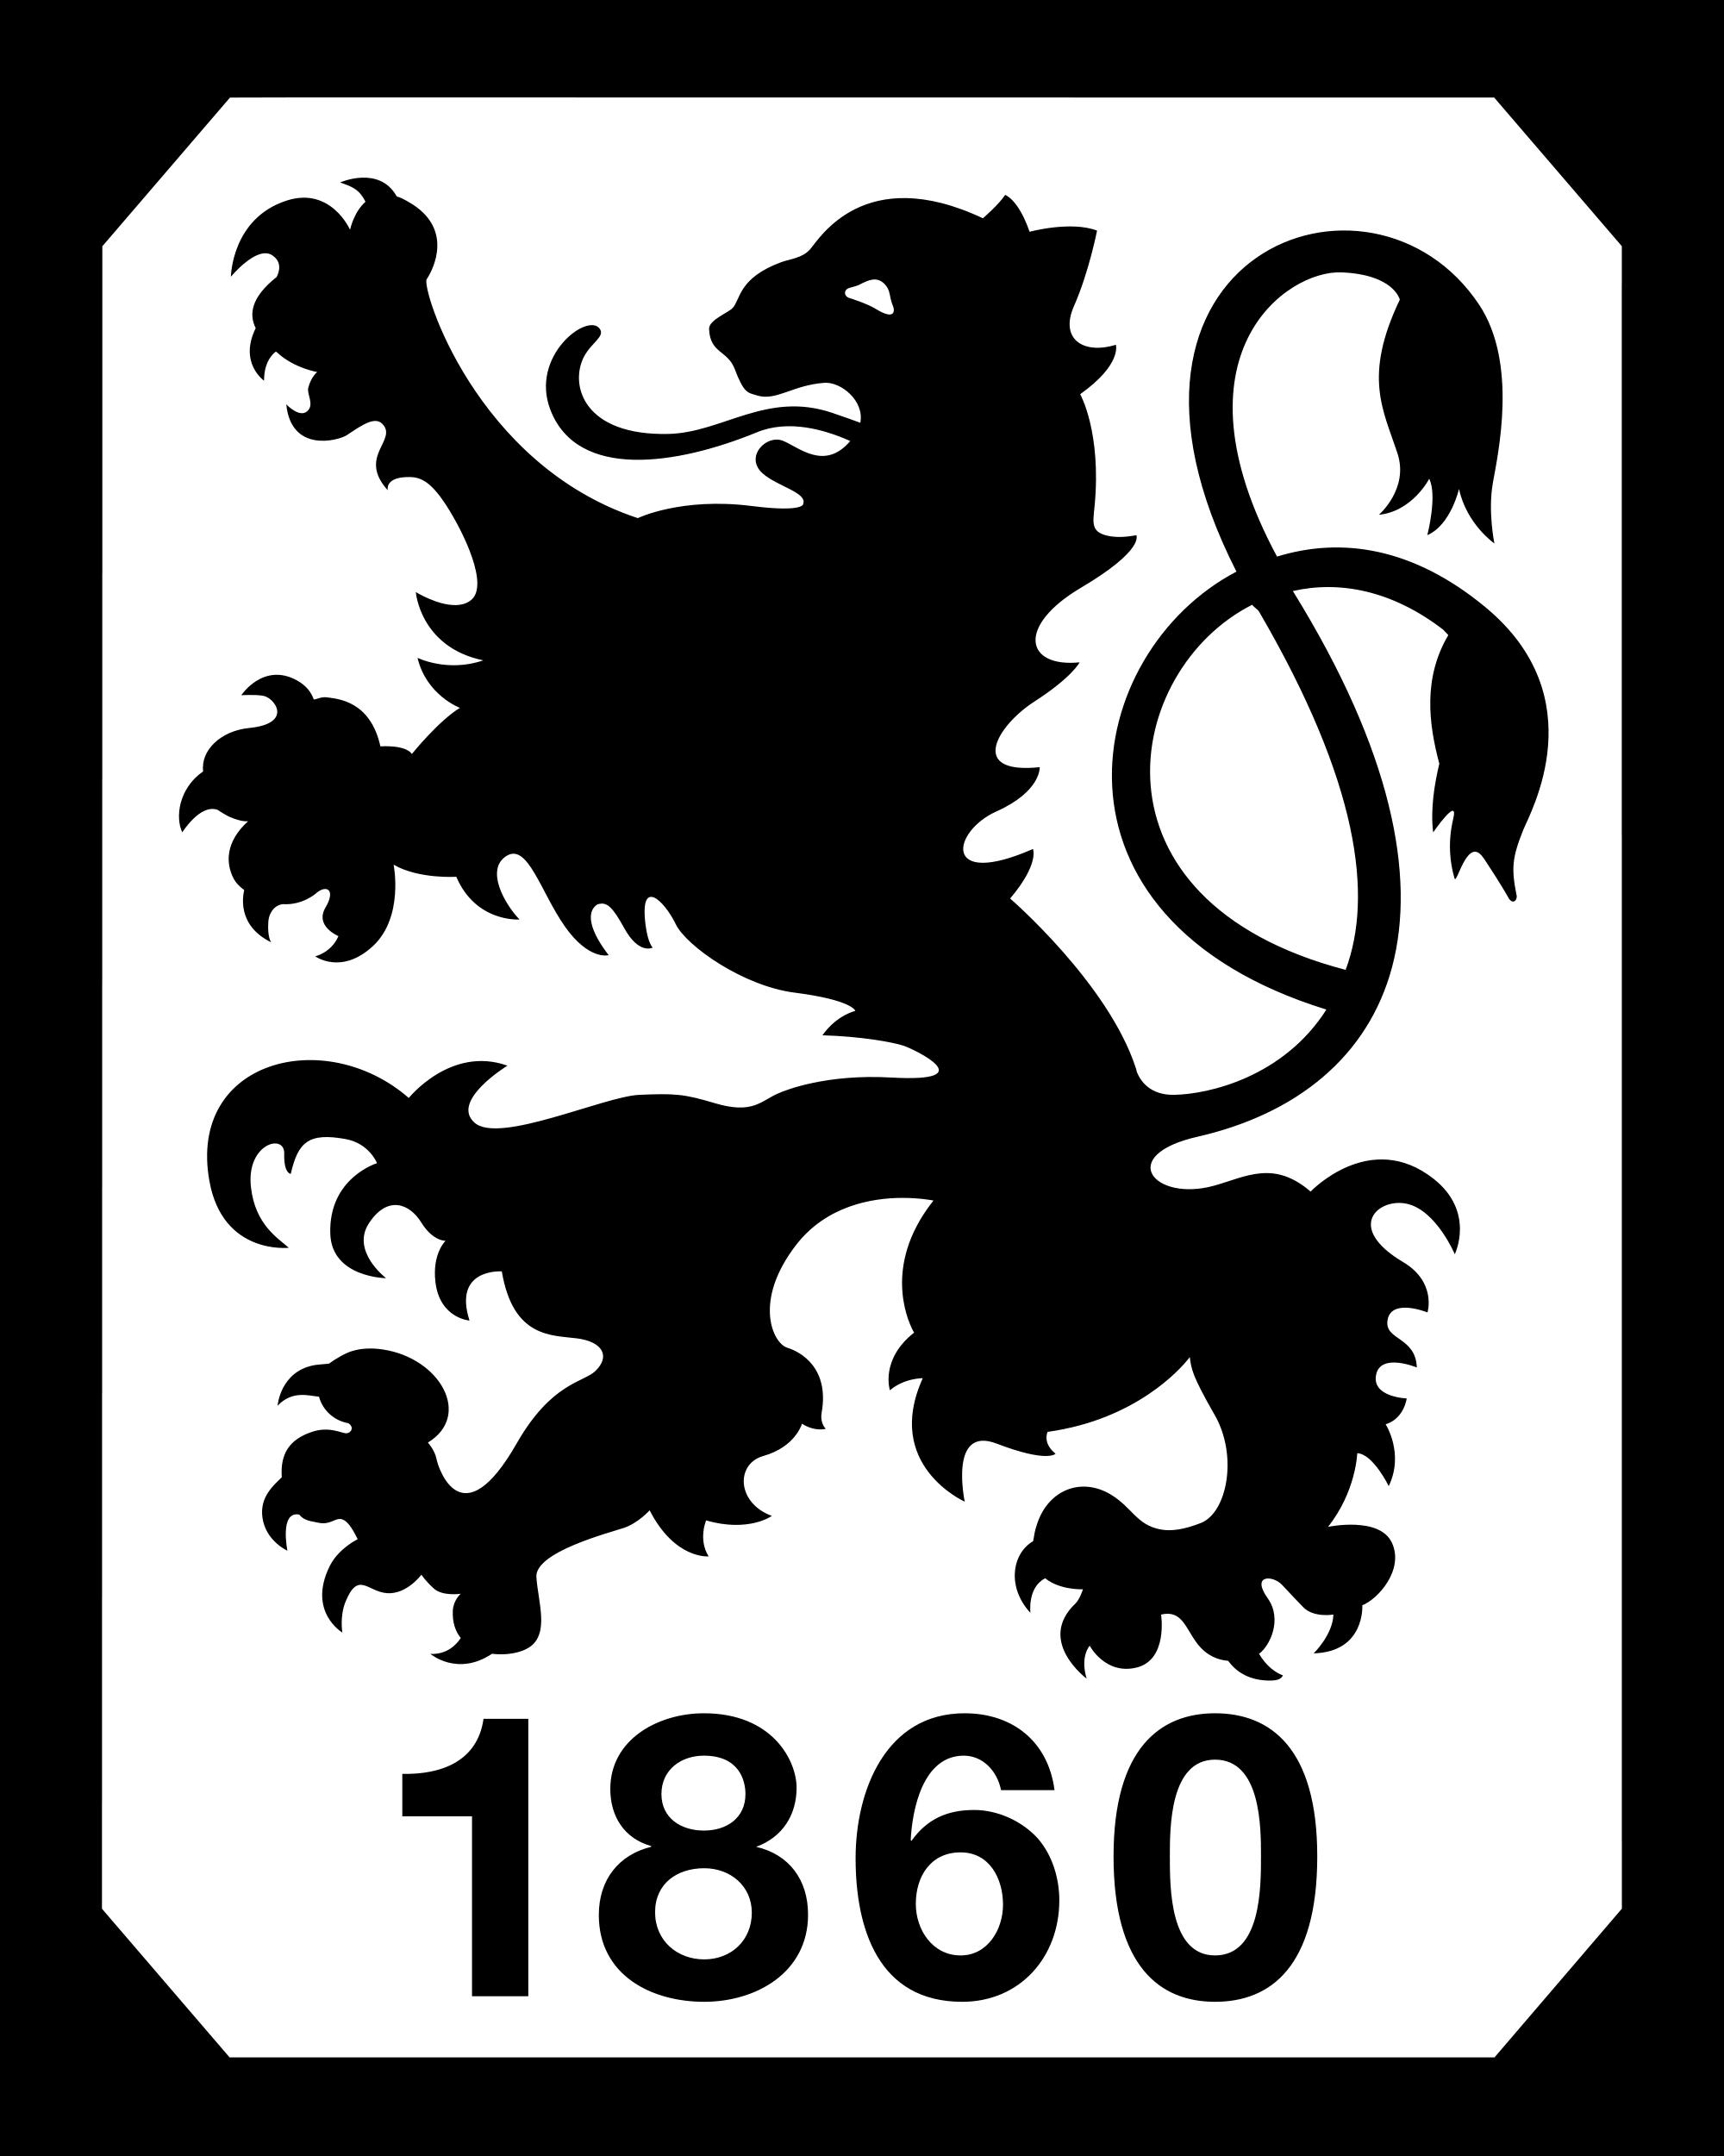 TSV_1860_München Bundesliga logo, Soccer logo, Football